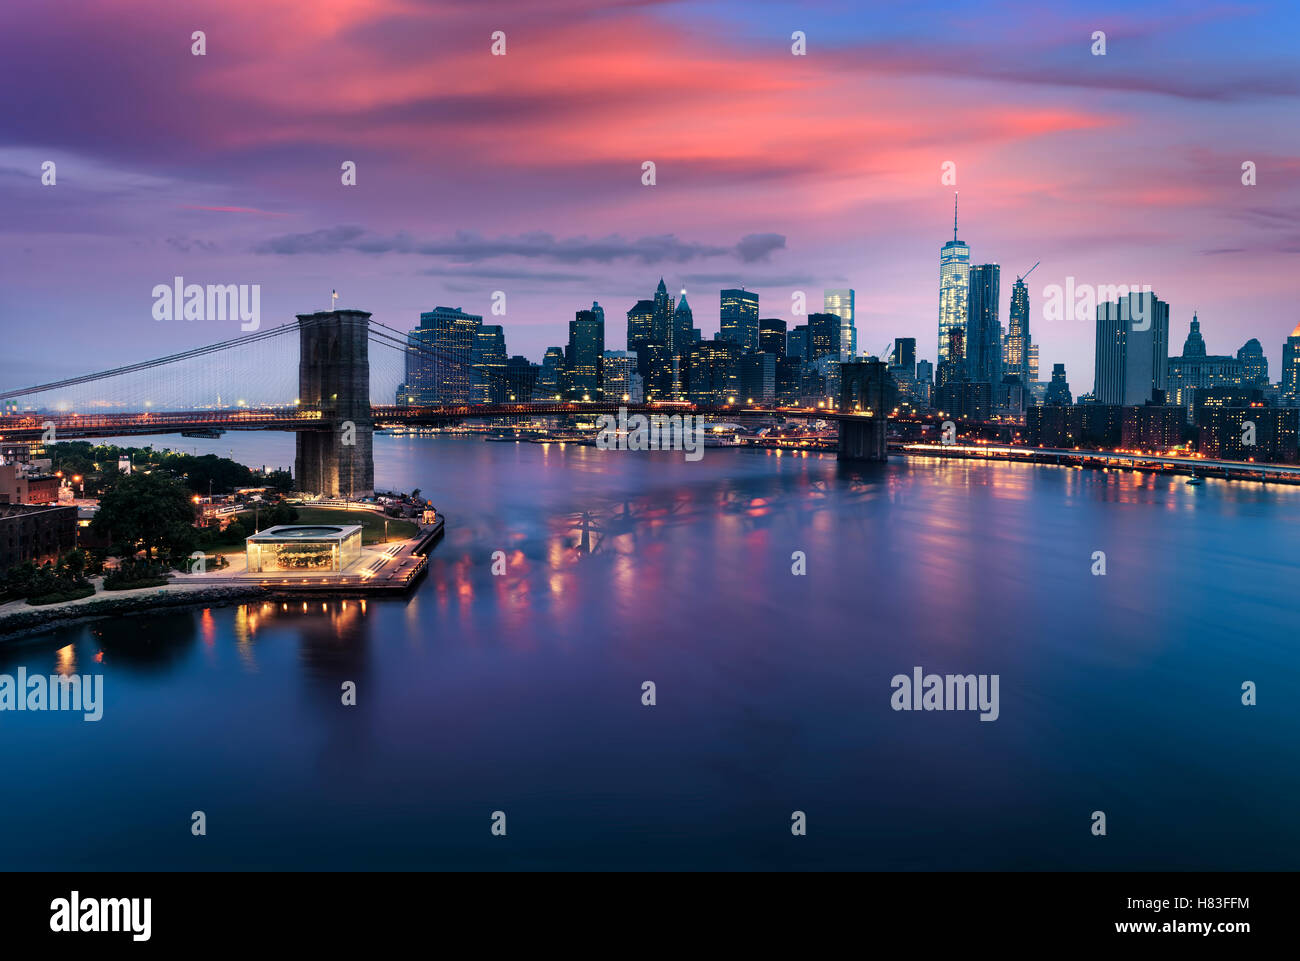 Manhattan y el puente de Brooklyn al atardecer en la Ciudad de Nueva York, EE.UU. Imagen De Stock